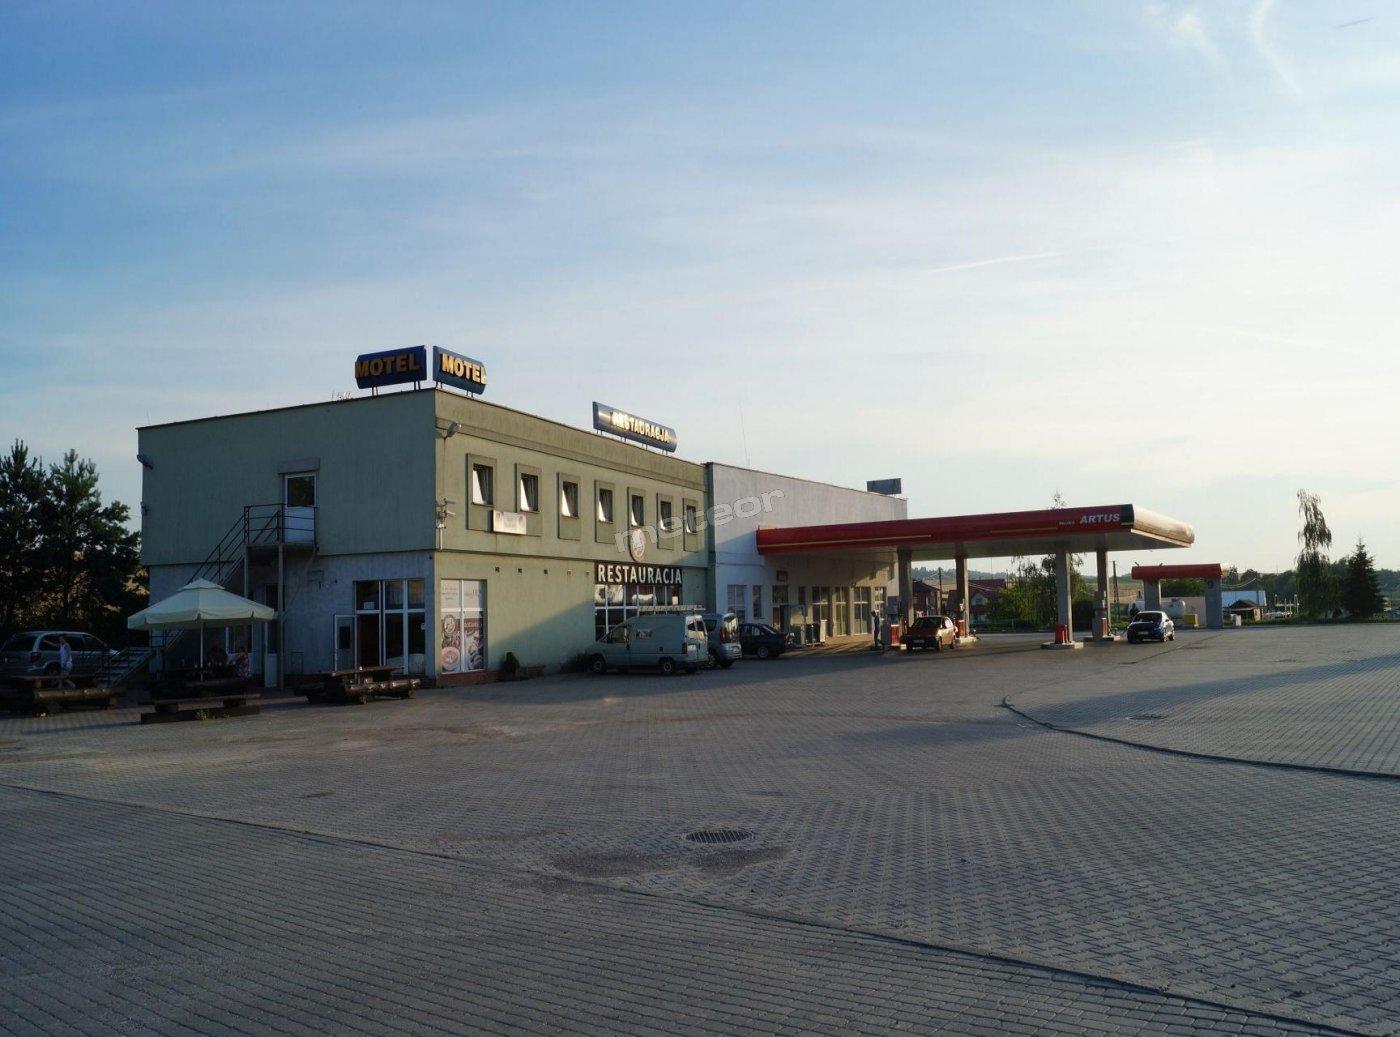 Motel Restauracja Czyżów